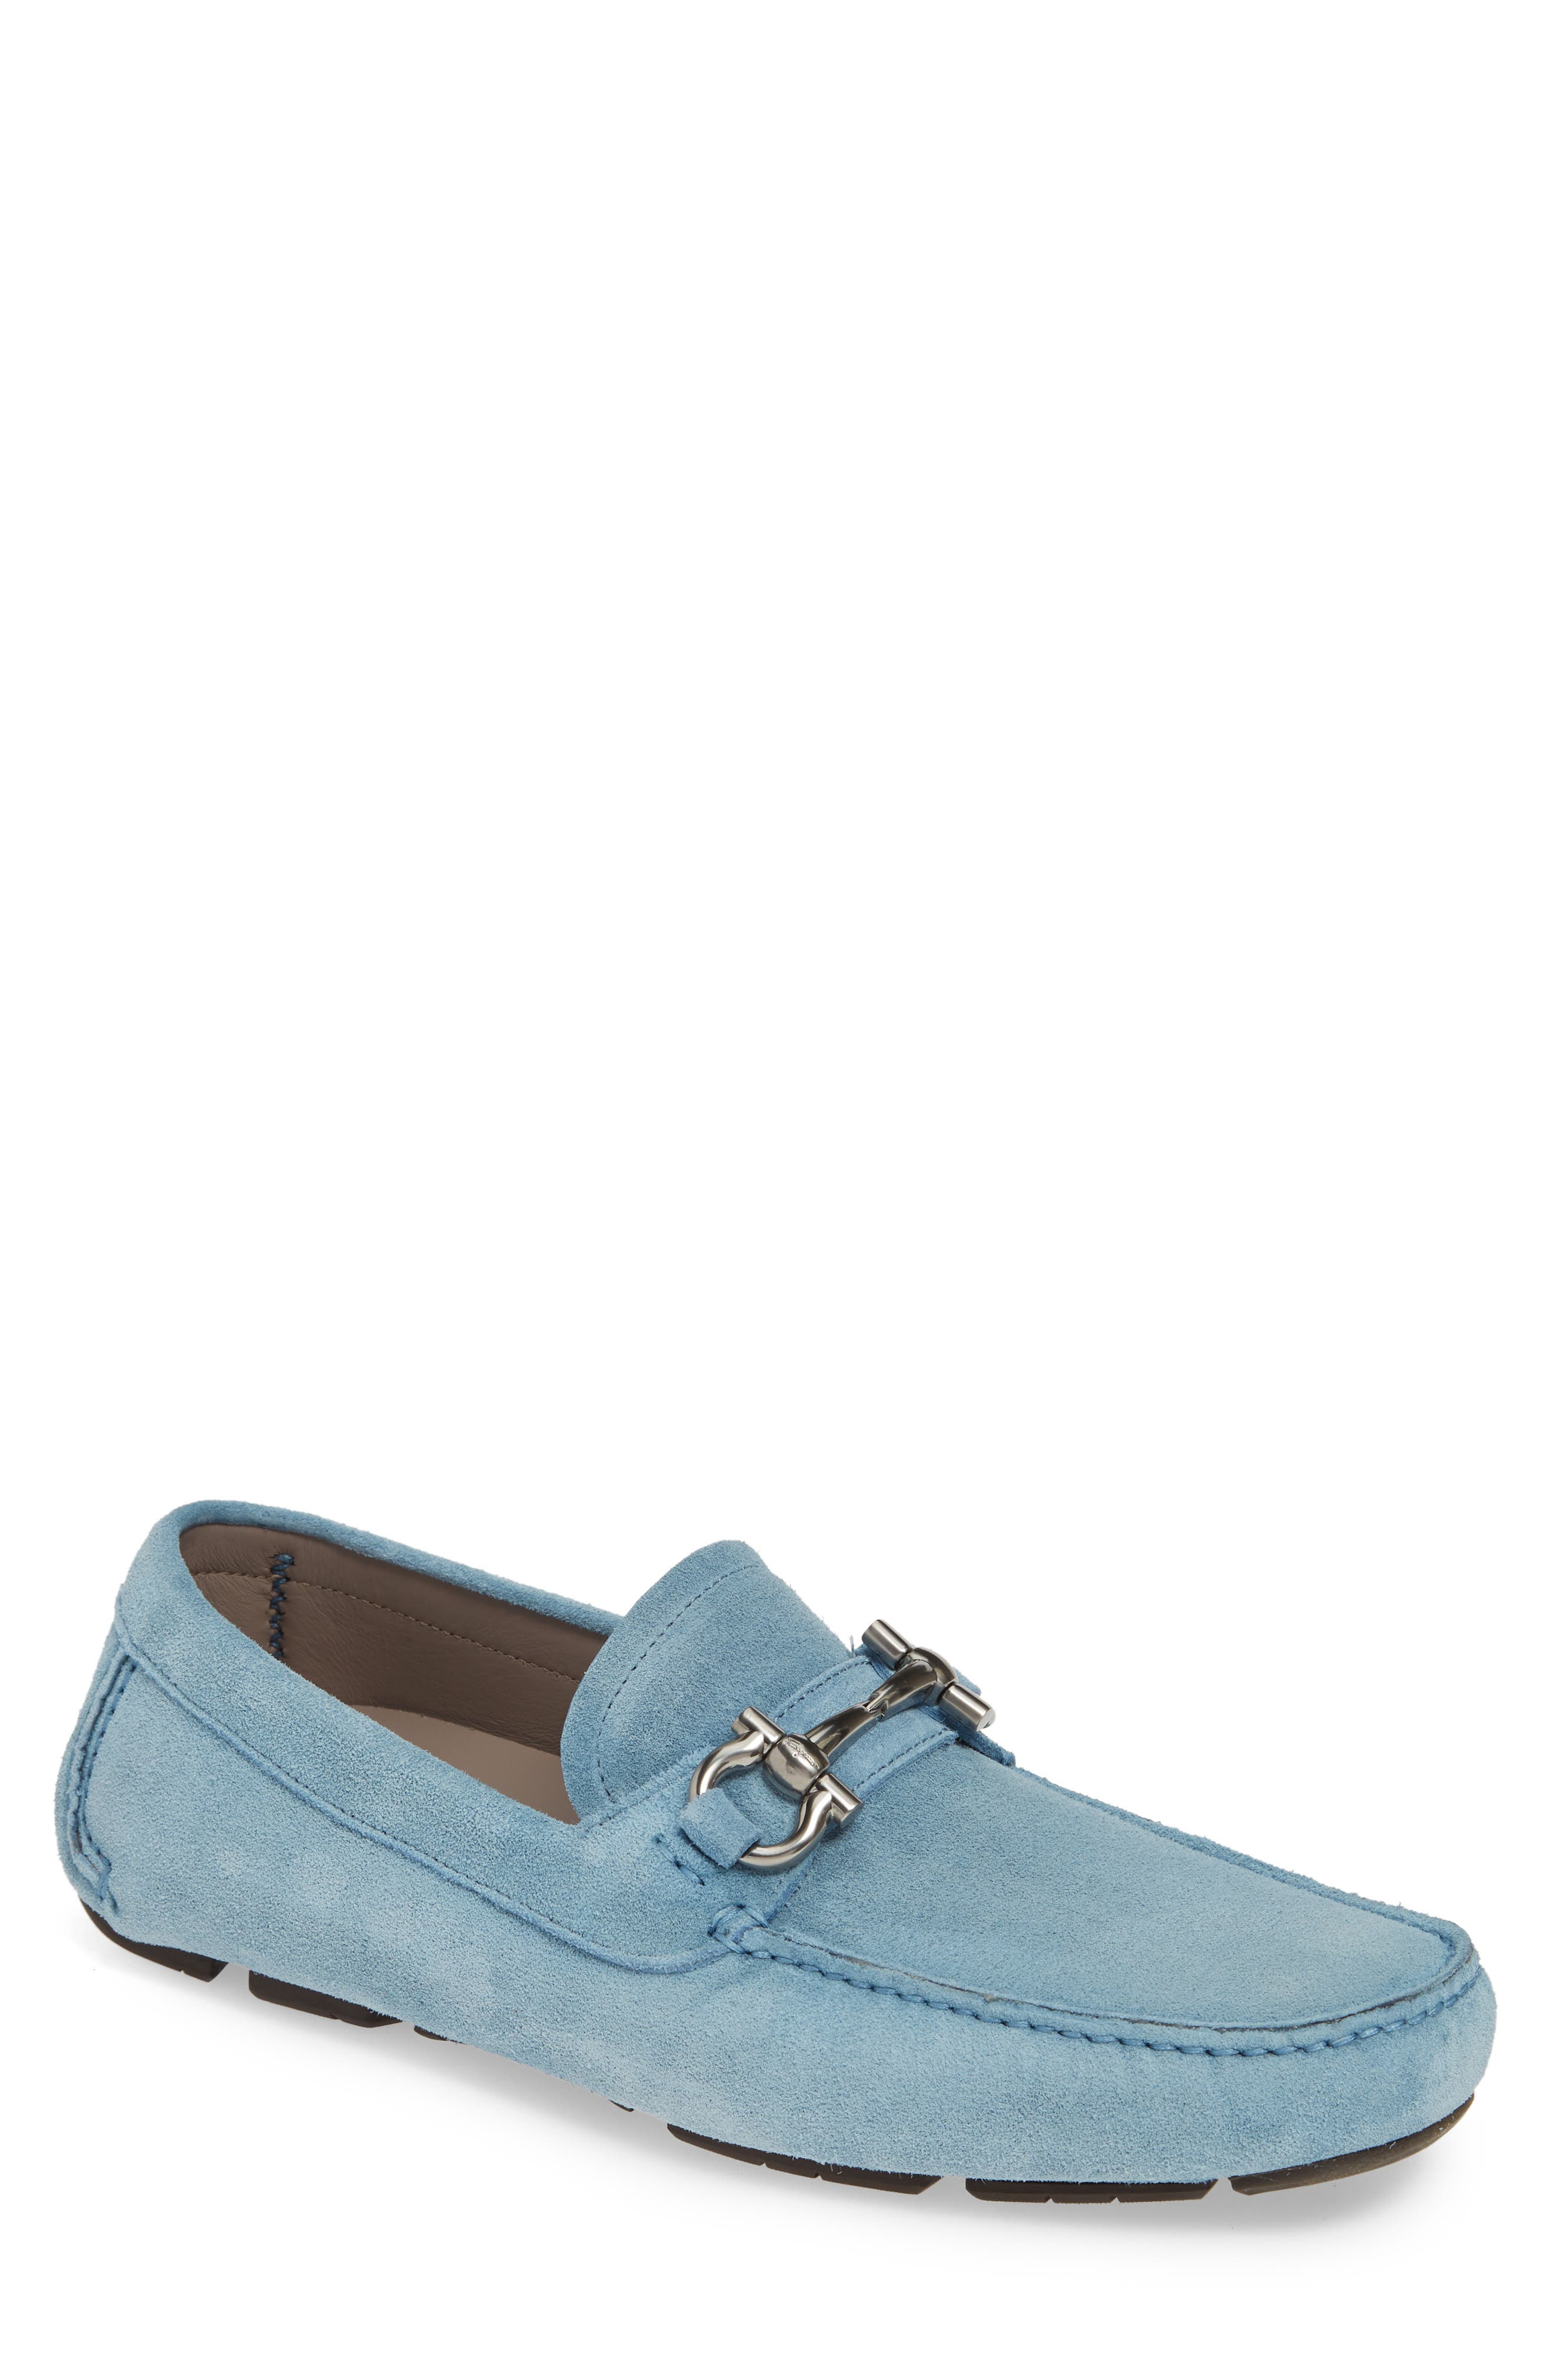 3084742e2 Men s Shoes